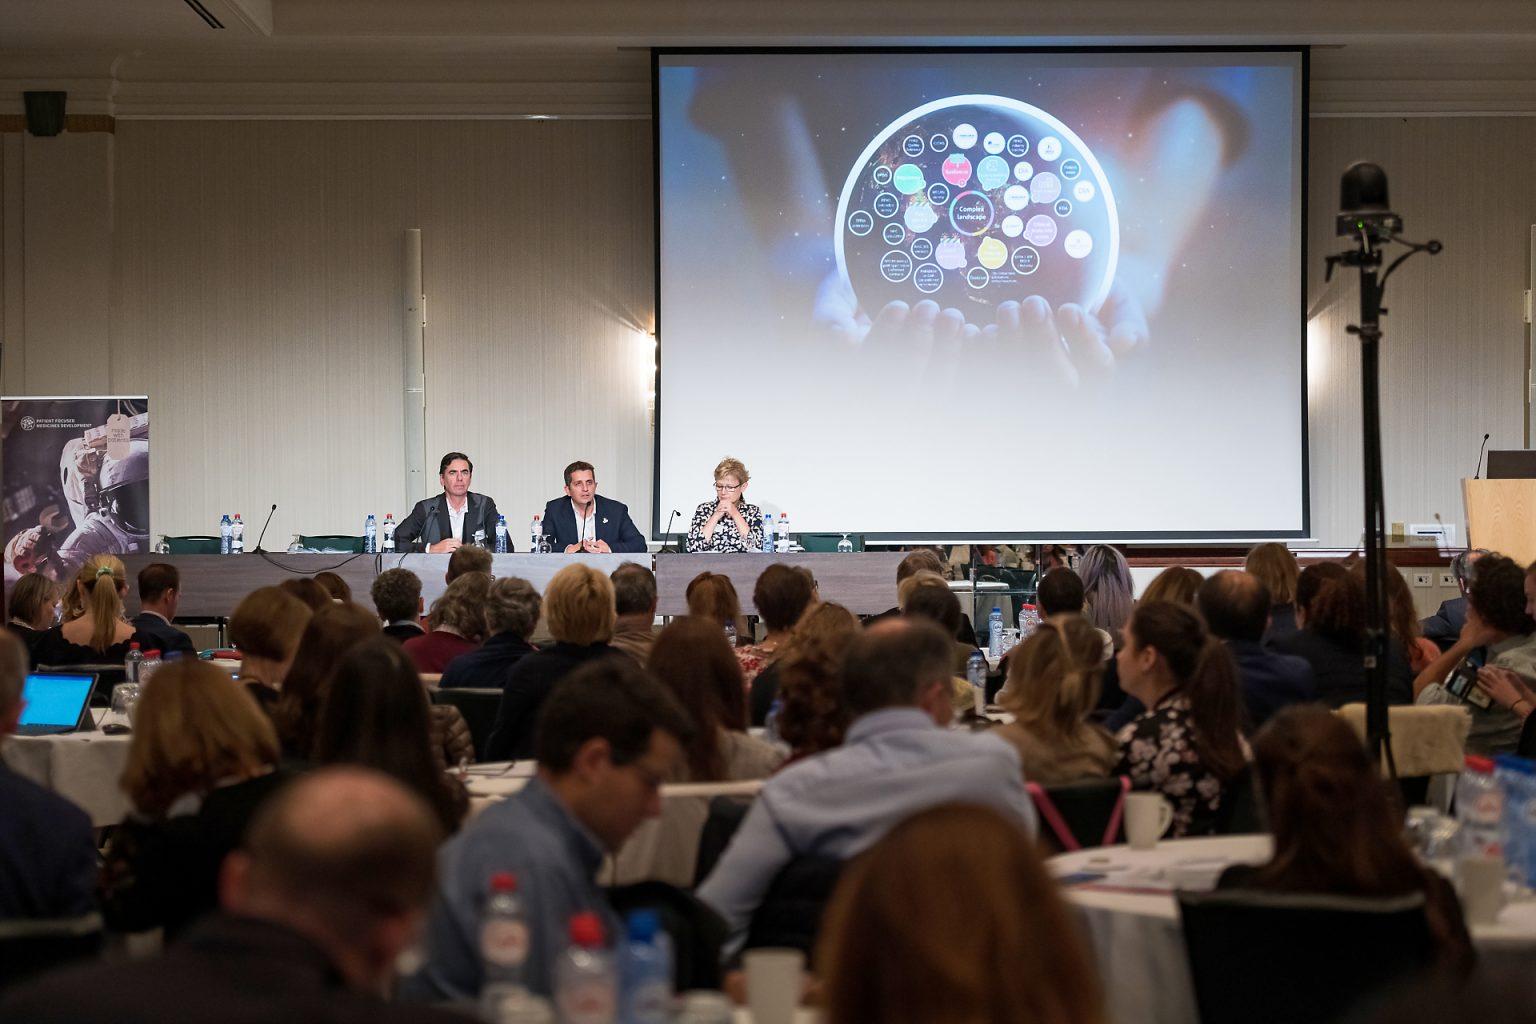 Evénement d'entreprise : Présentation de conclusions lors du PEOF, lors du reportage photographique de l'événement par Aurore Delsoir photographe événementiel